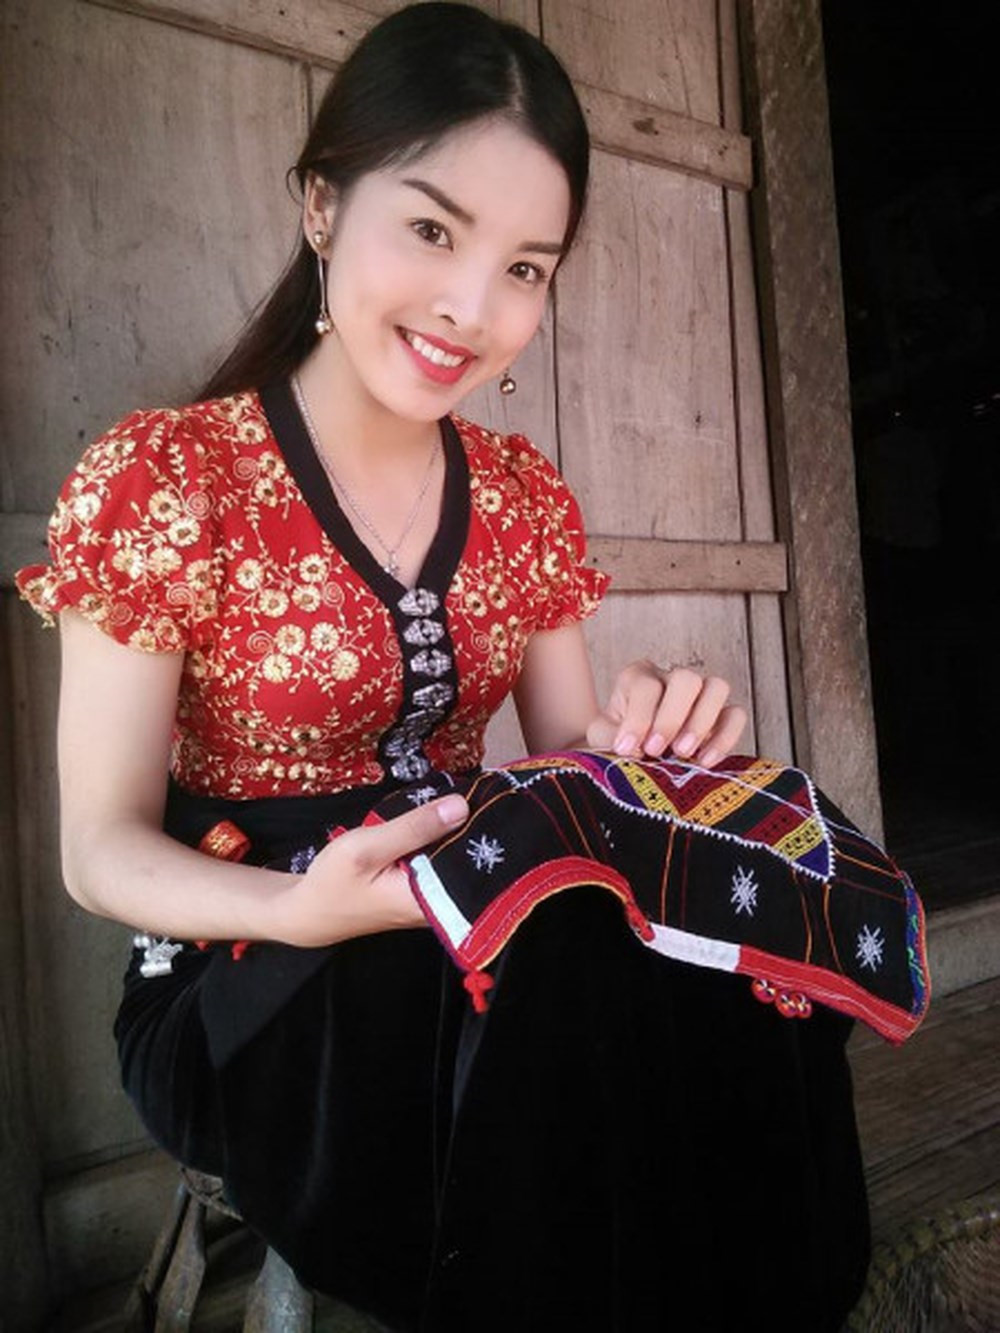 Lư Thị Hương (23 tuổi) tham gia cuộc thi Miss Photo 2017. Hình ảnh cô gái dân tộc Thái ngồi thêu khăn piêu từng để lại nhiều dấu ấn đối với mọi người.